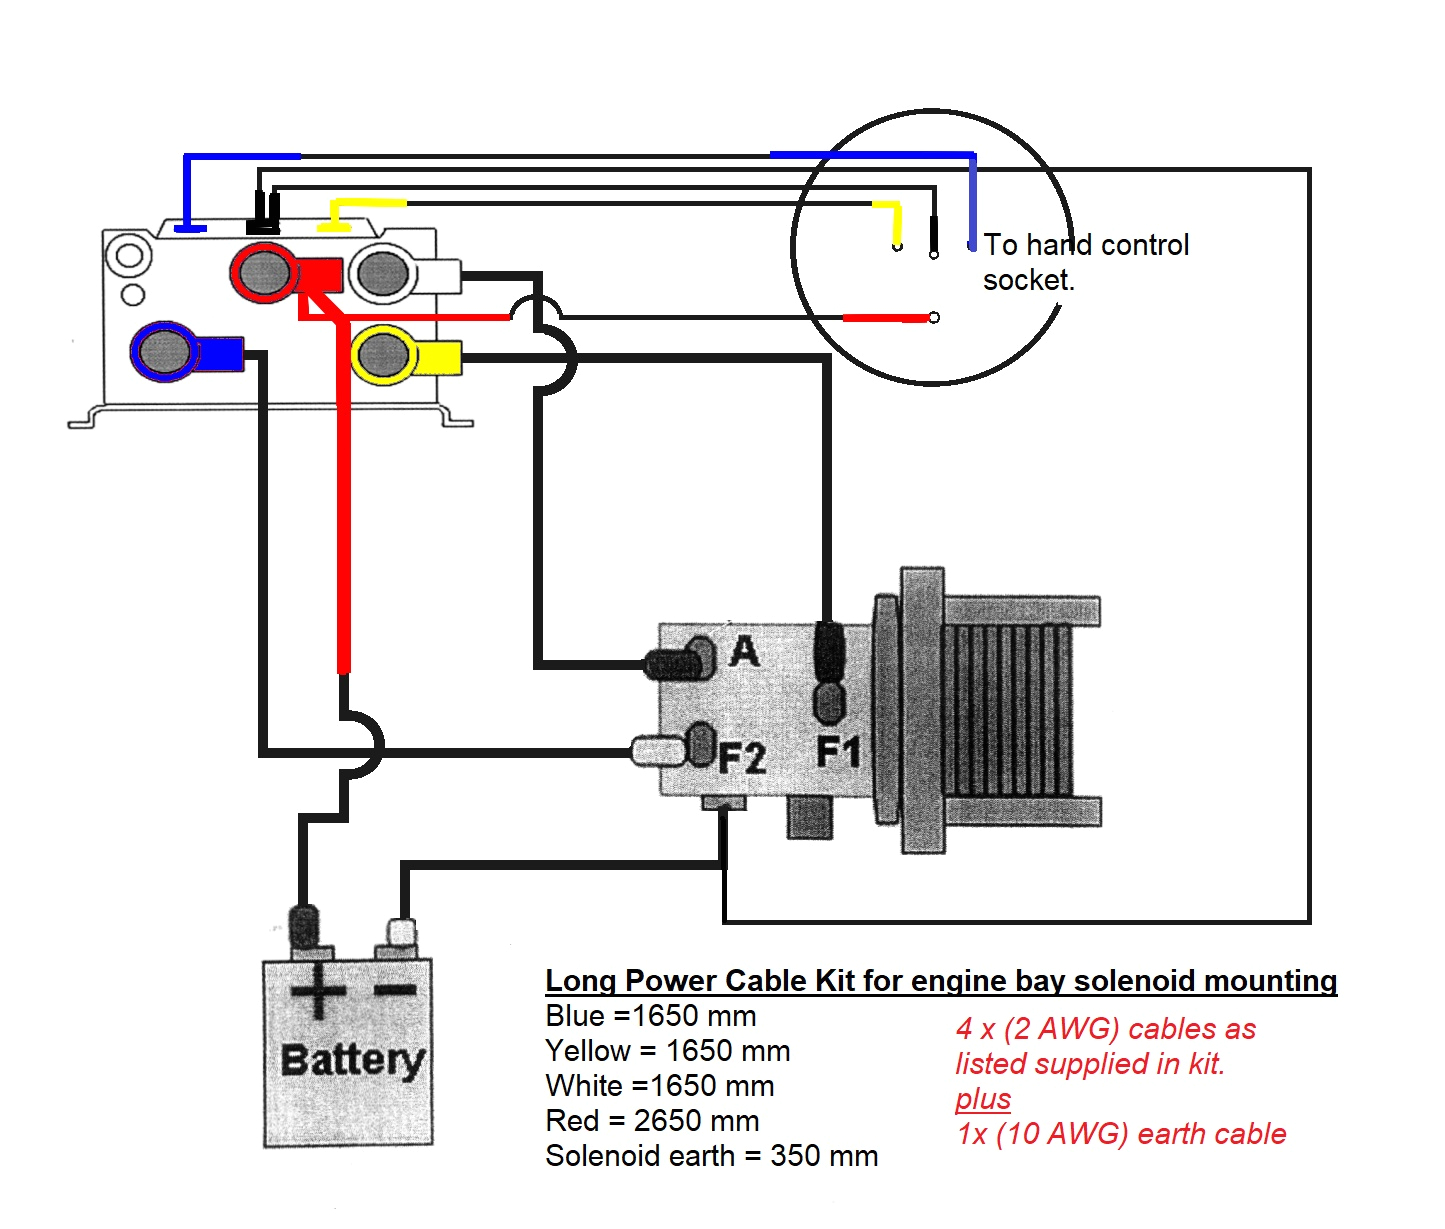 winch wiring diagram wiring diagram name mix winch wiring kit wiring diagram expert warn winch wiring